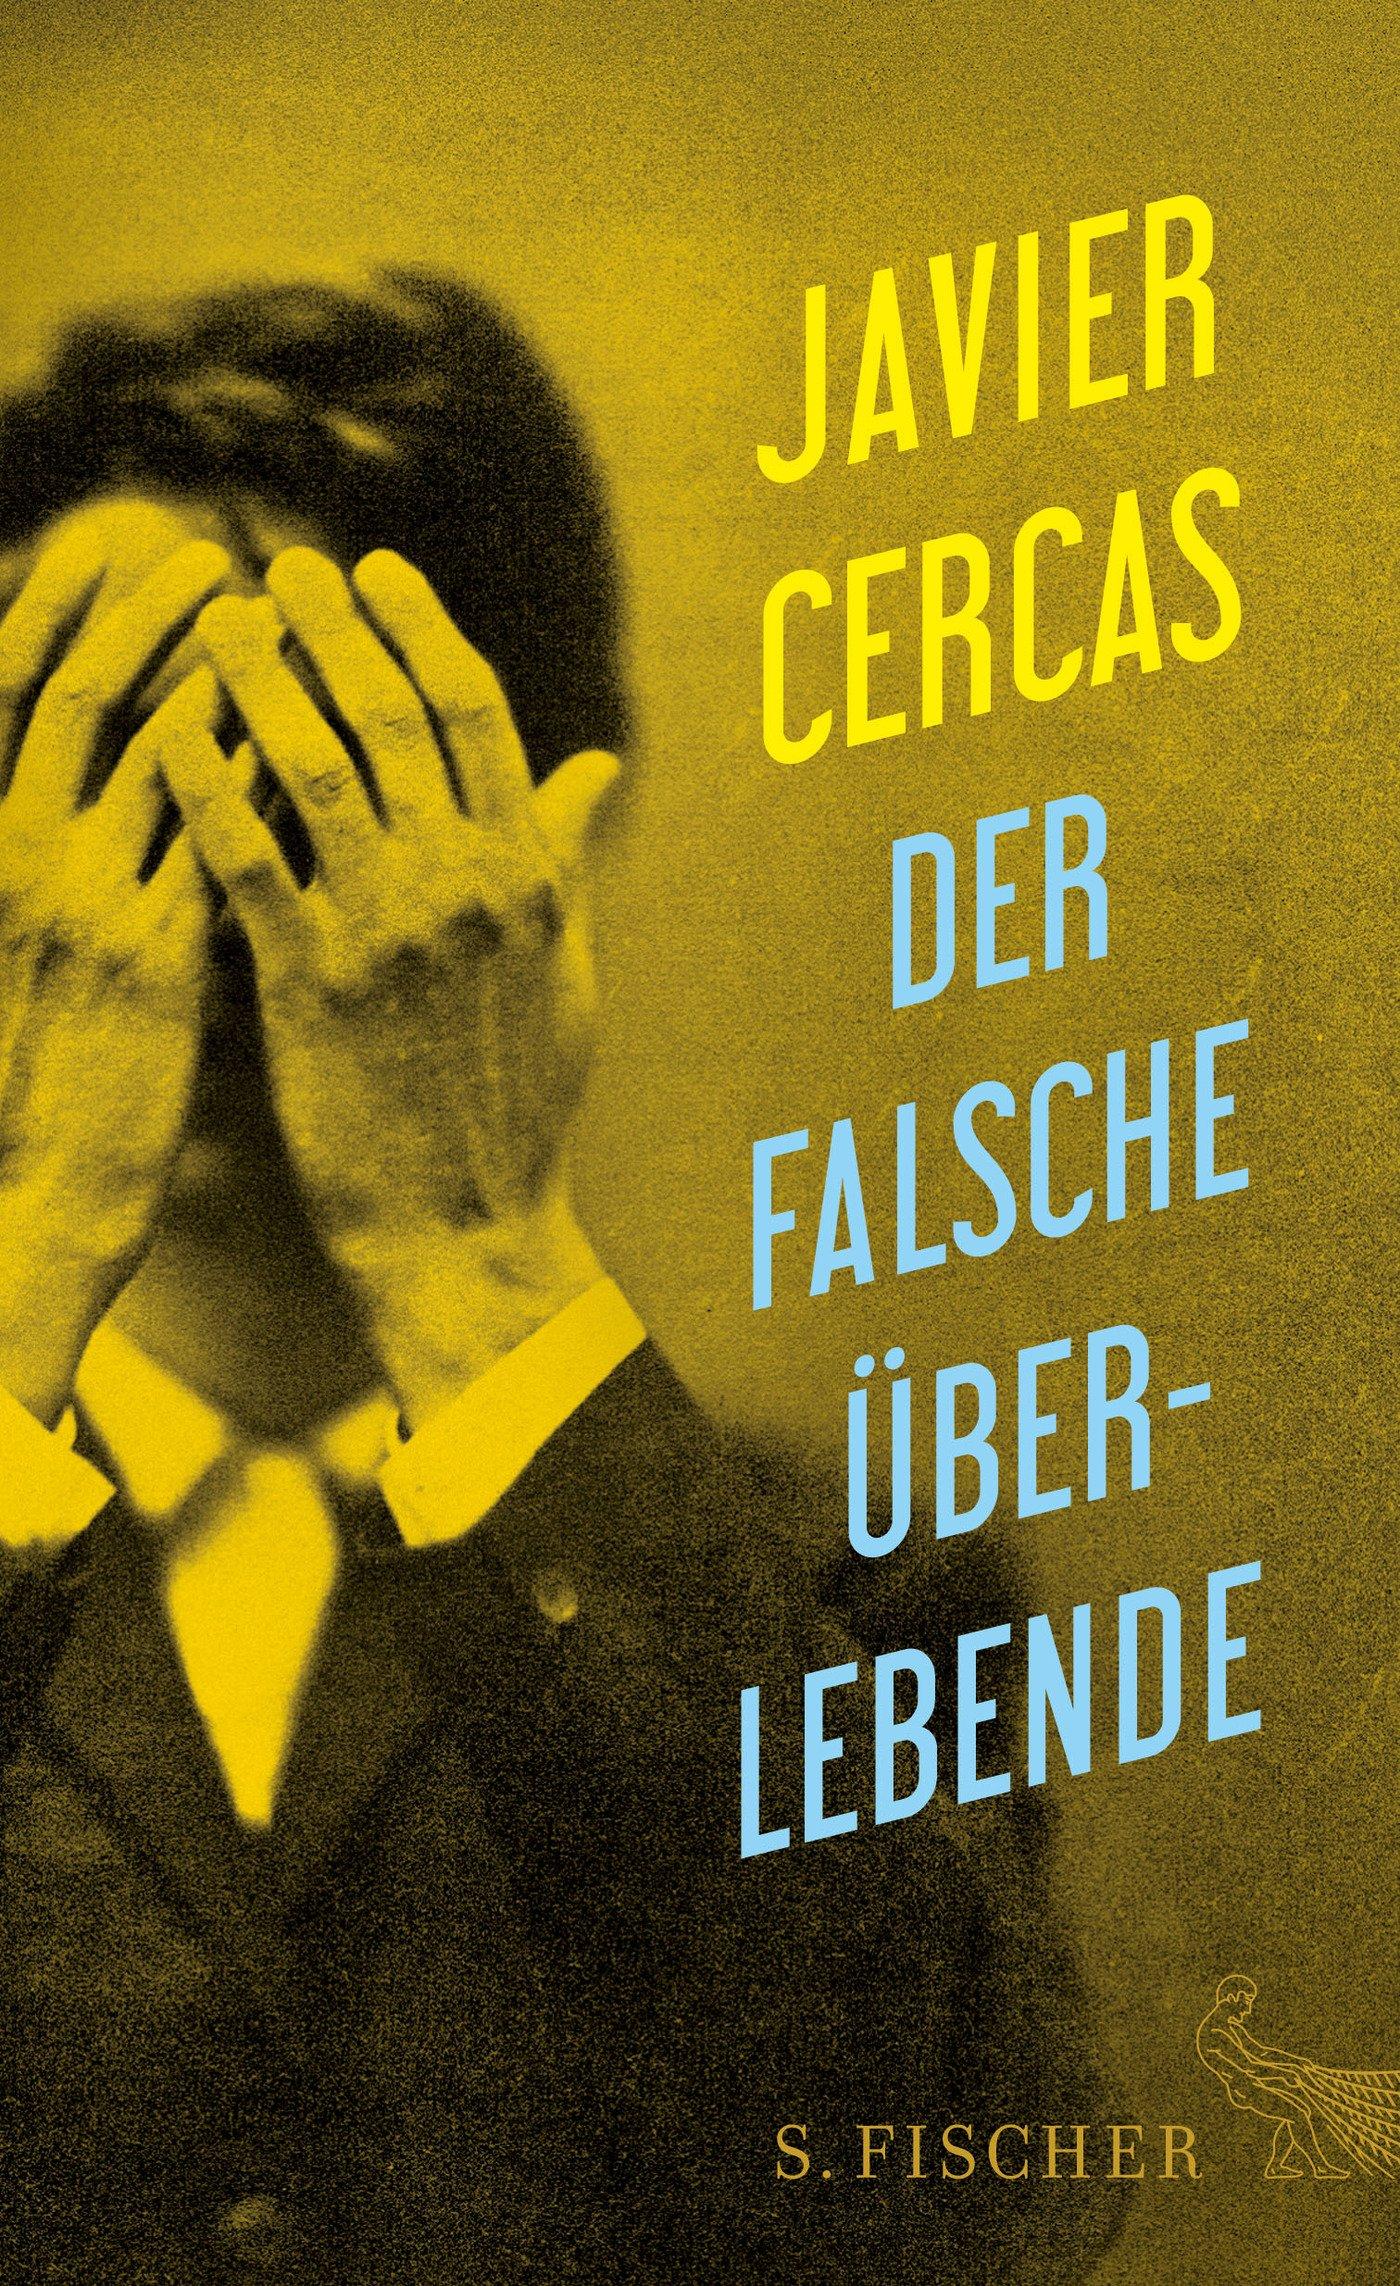 Der falsche Überlebende Gebundenes Buch – 27. April 2017 Javier Cercas Peter Kultzen Der falsche Überlebende S. FISCHER